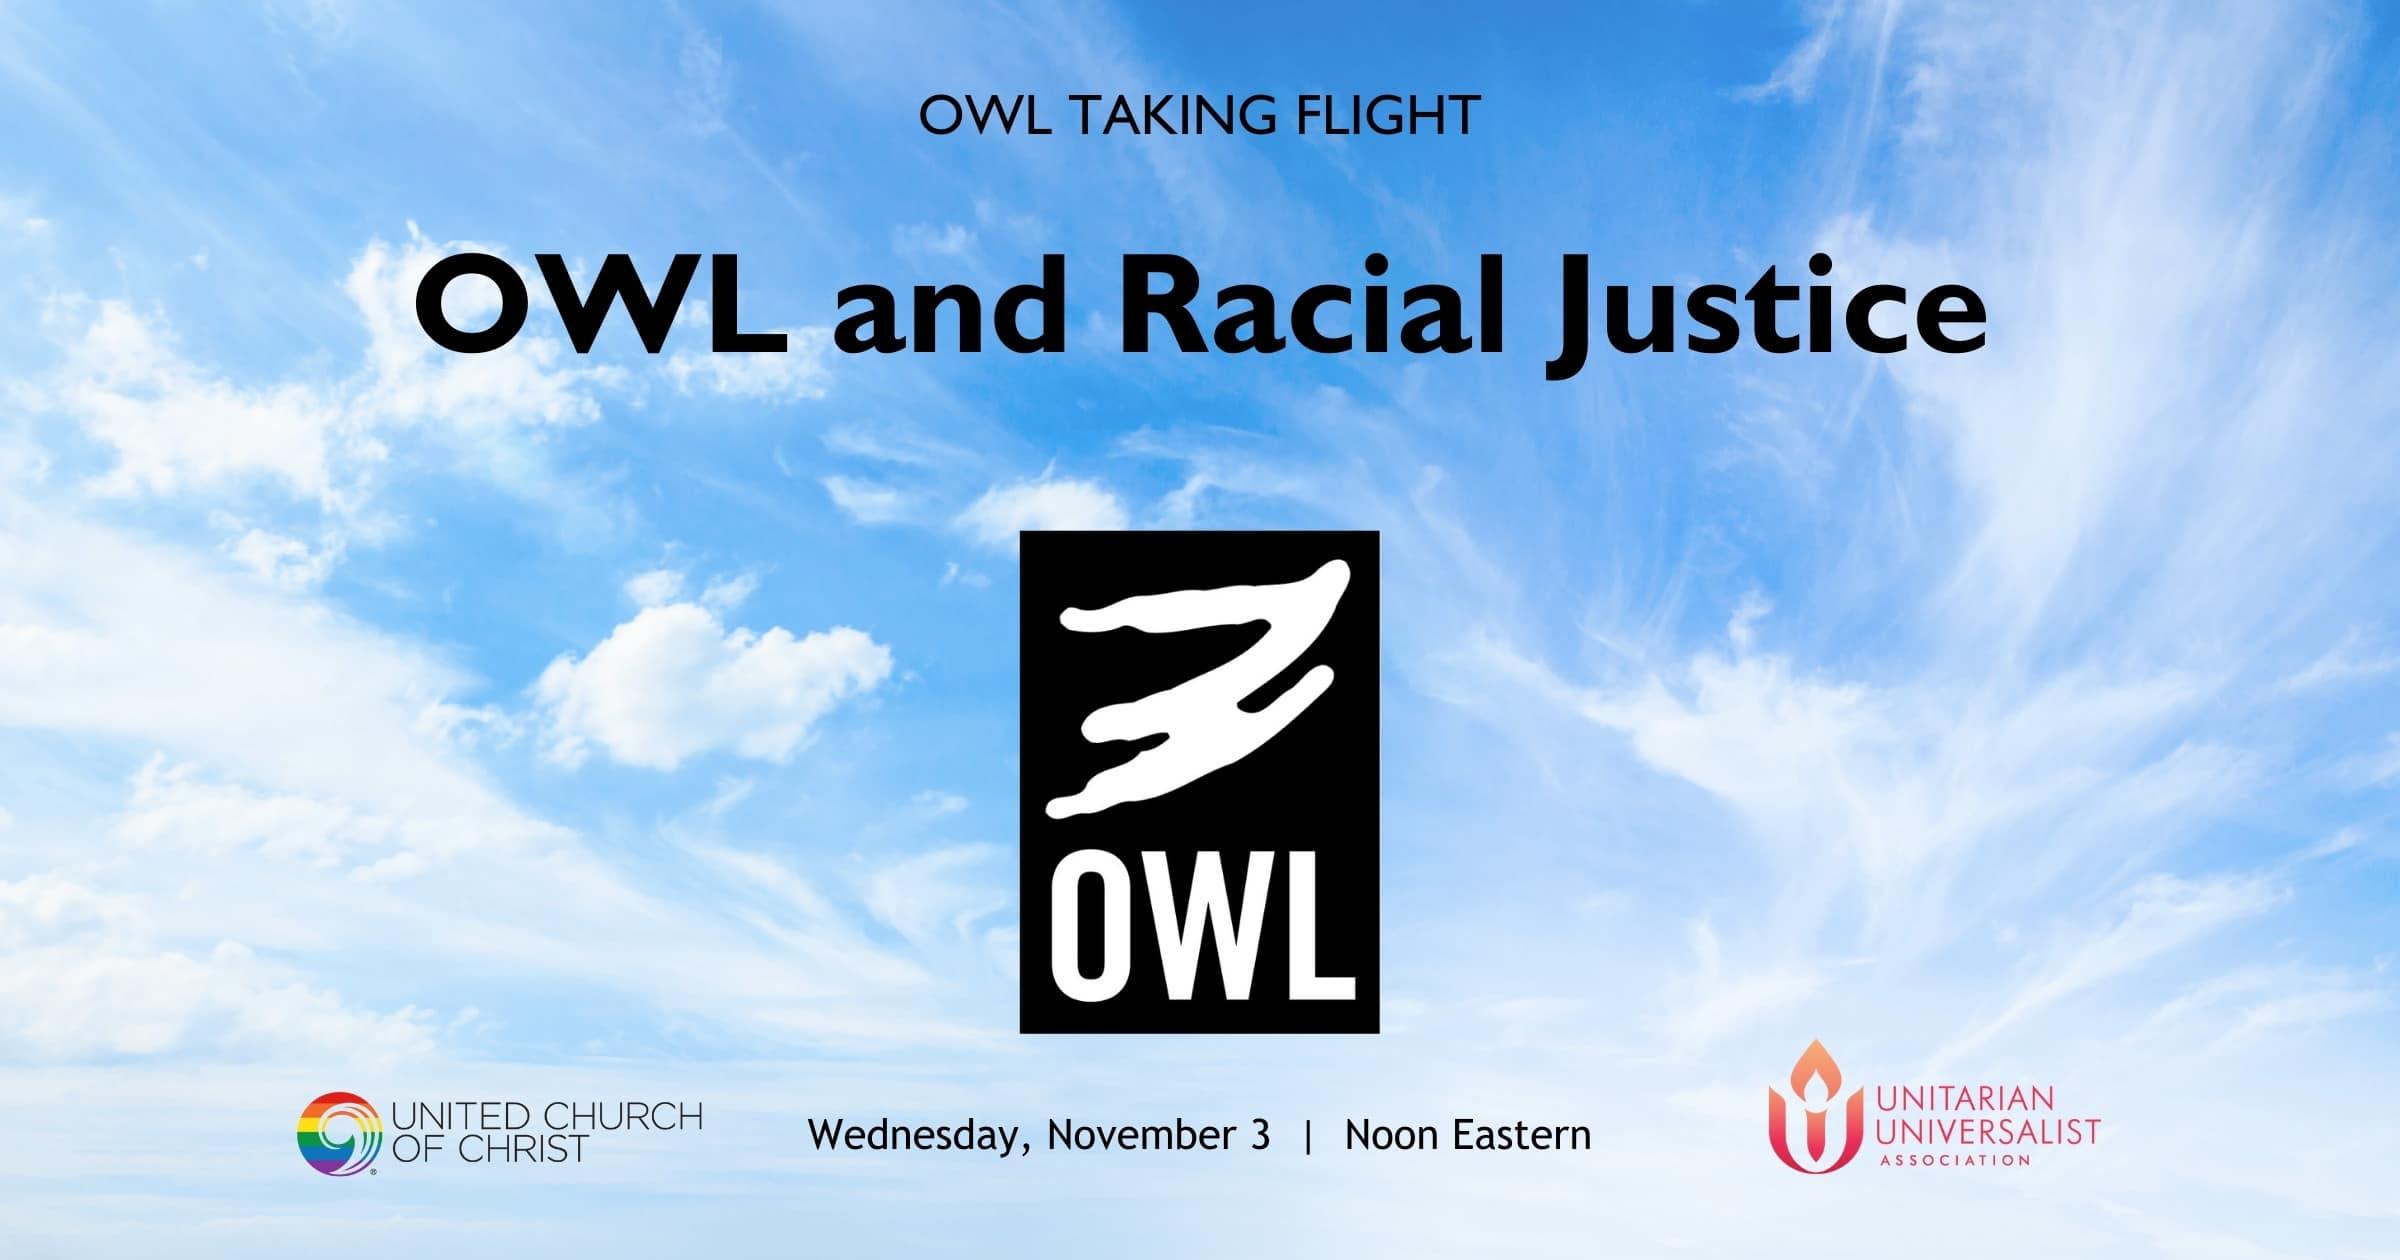 OWL-Taking-Flight-November-2021